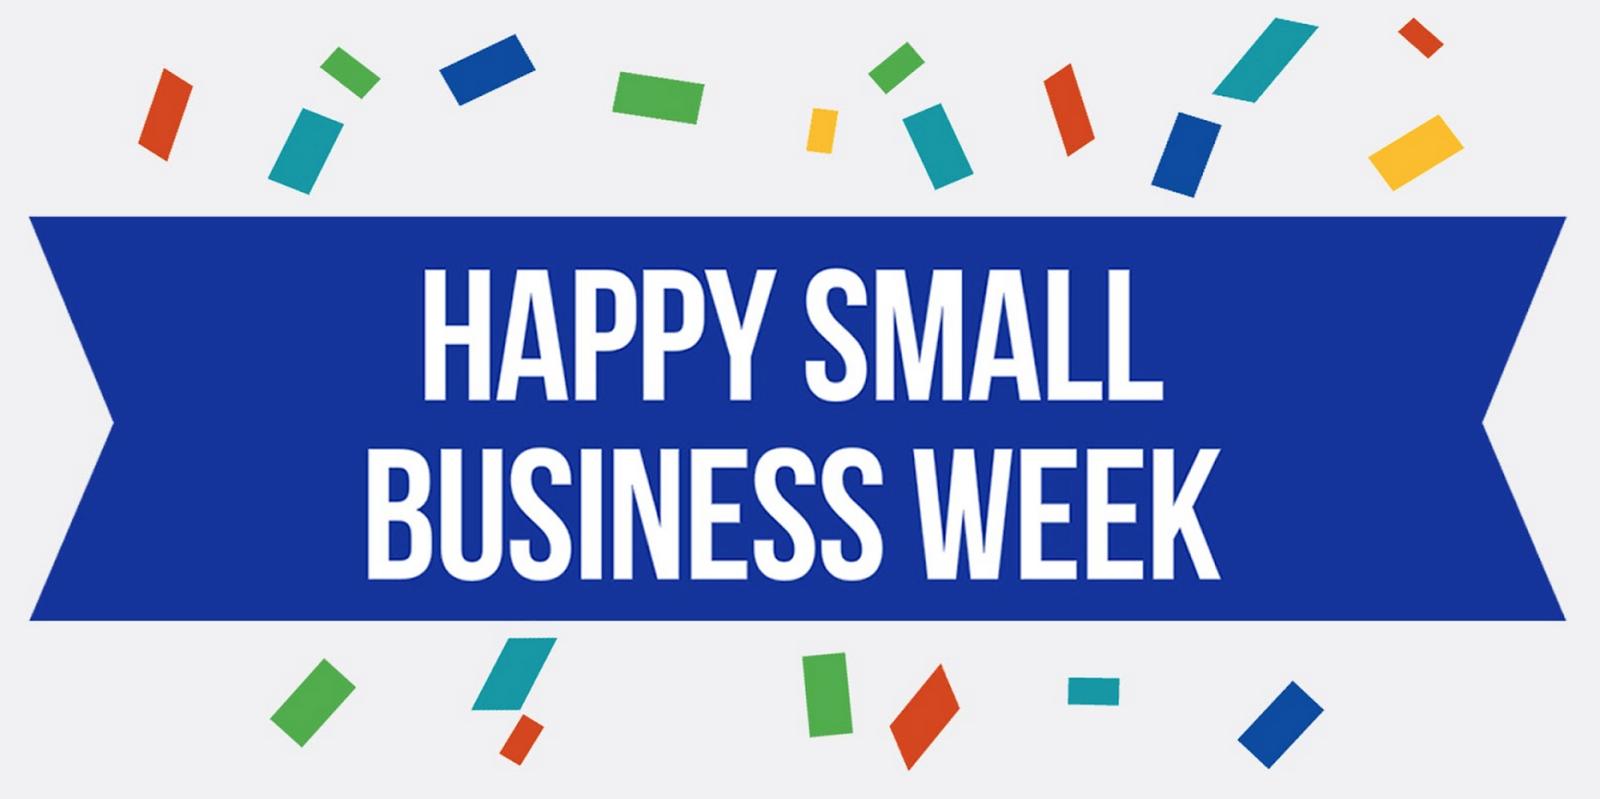 When giving 2 weeks notice, is it 2 calendar weeks or business weeks?